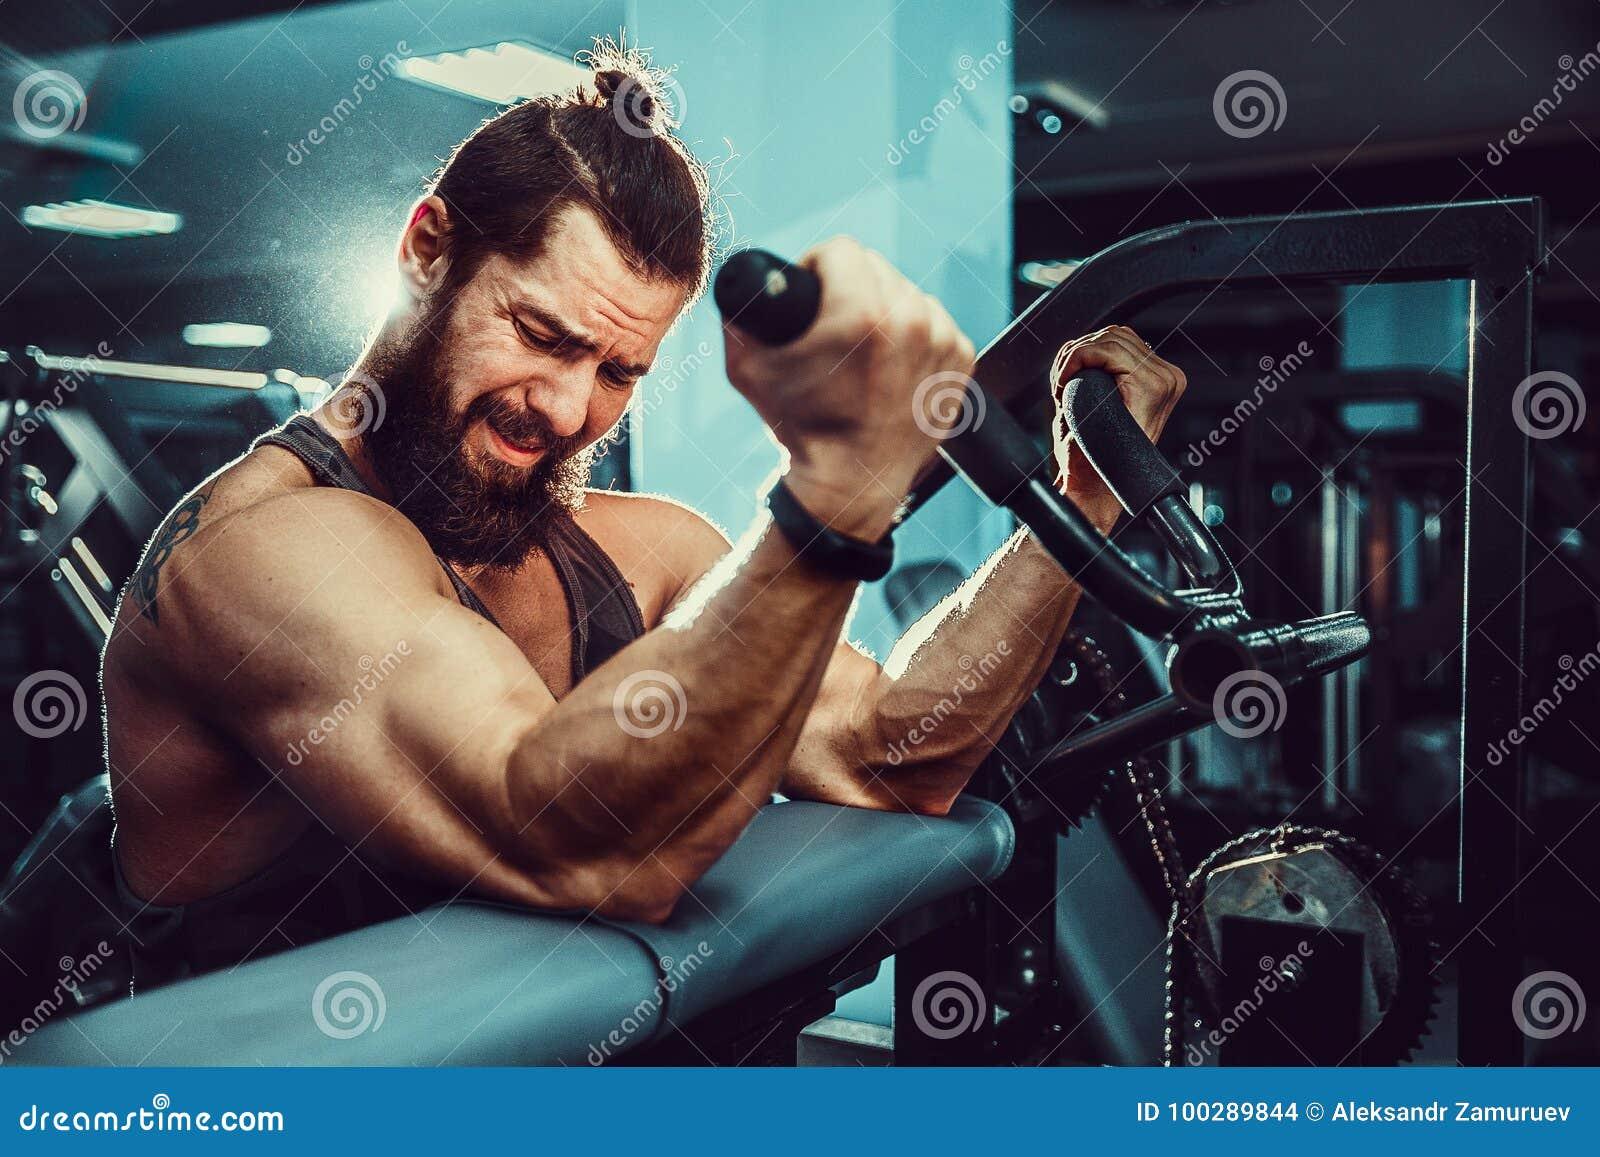 Человек делая тяжеловесную тренировку для бицепса на машине в спортзале